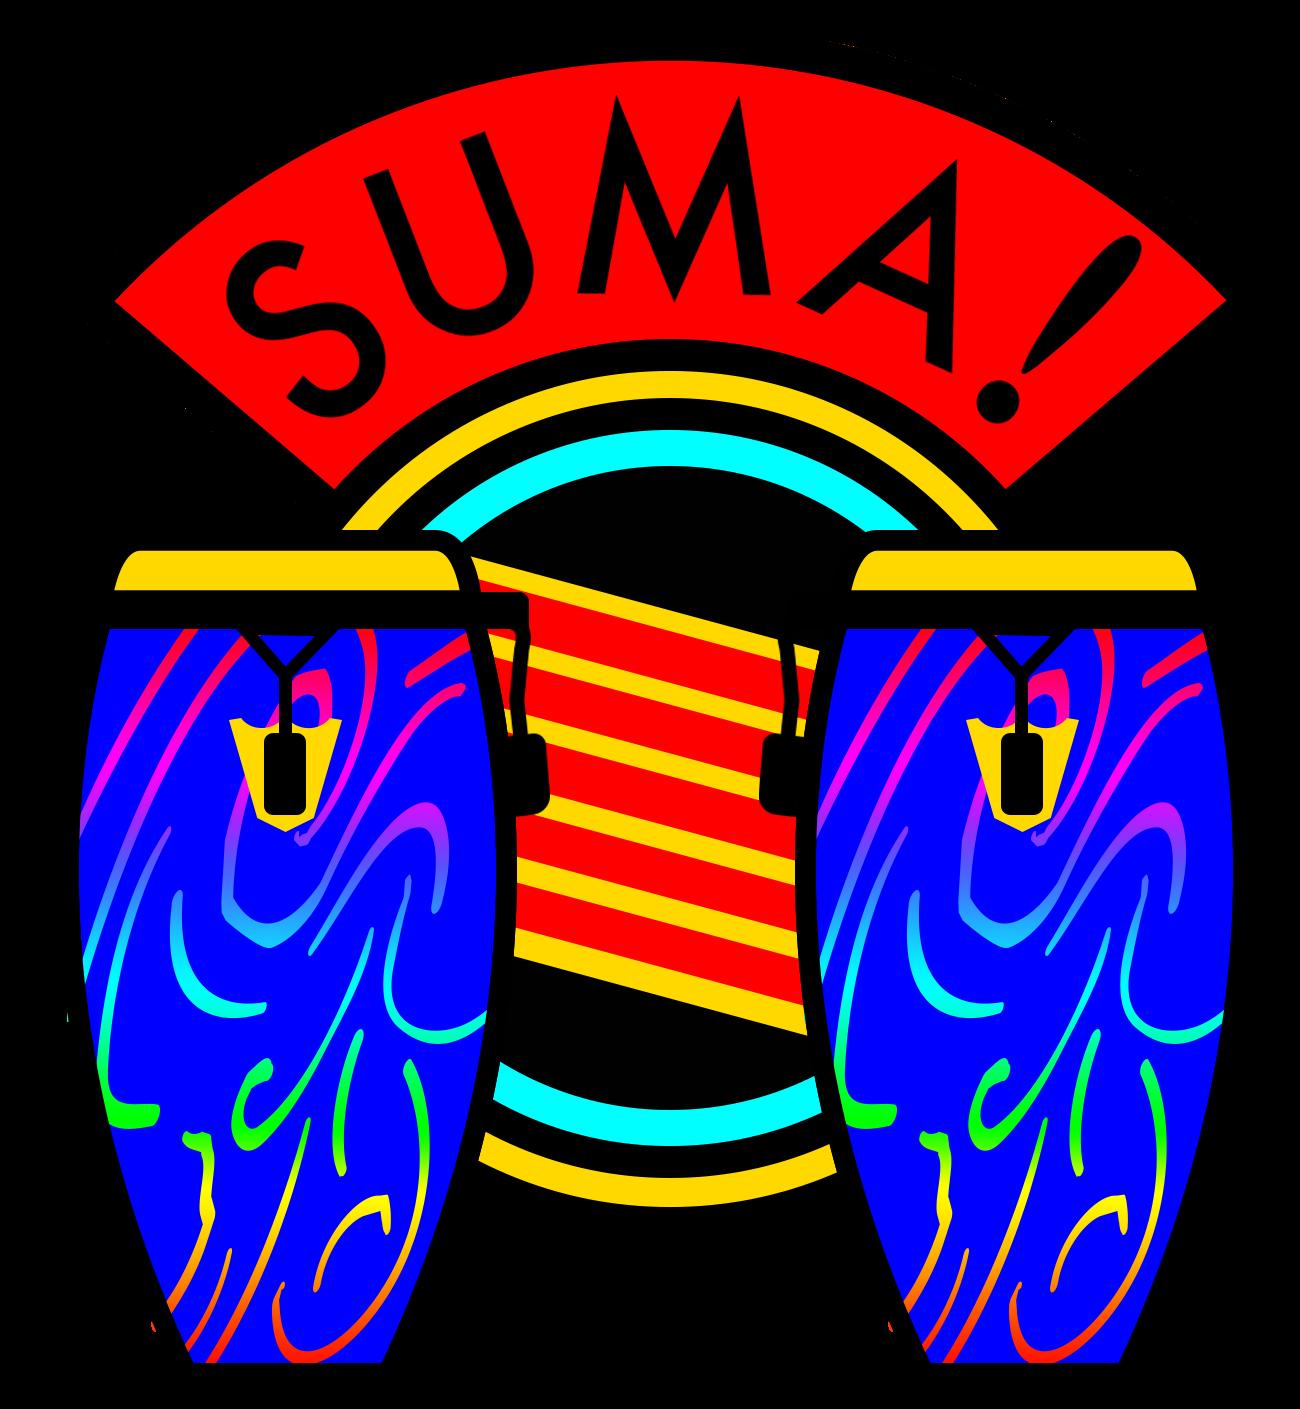 SUMA!